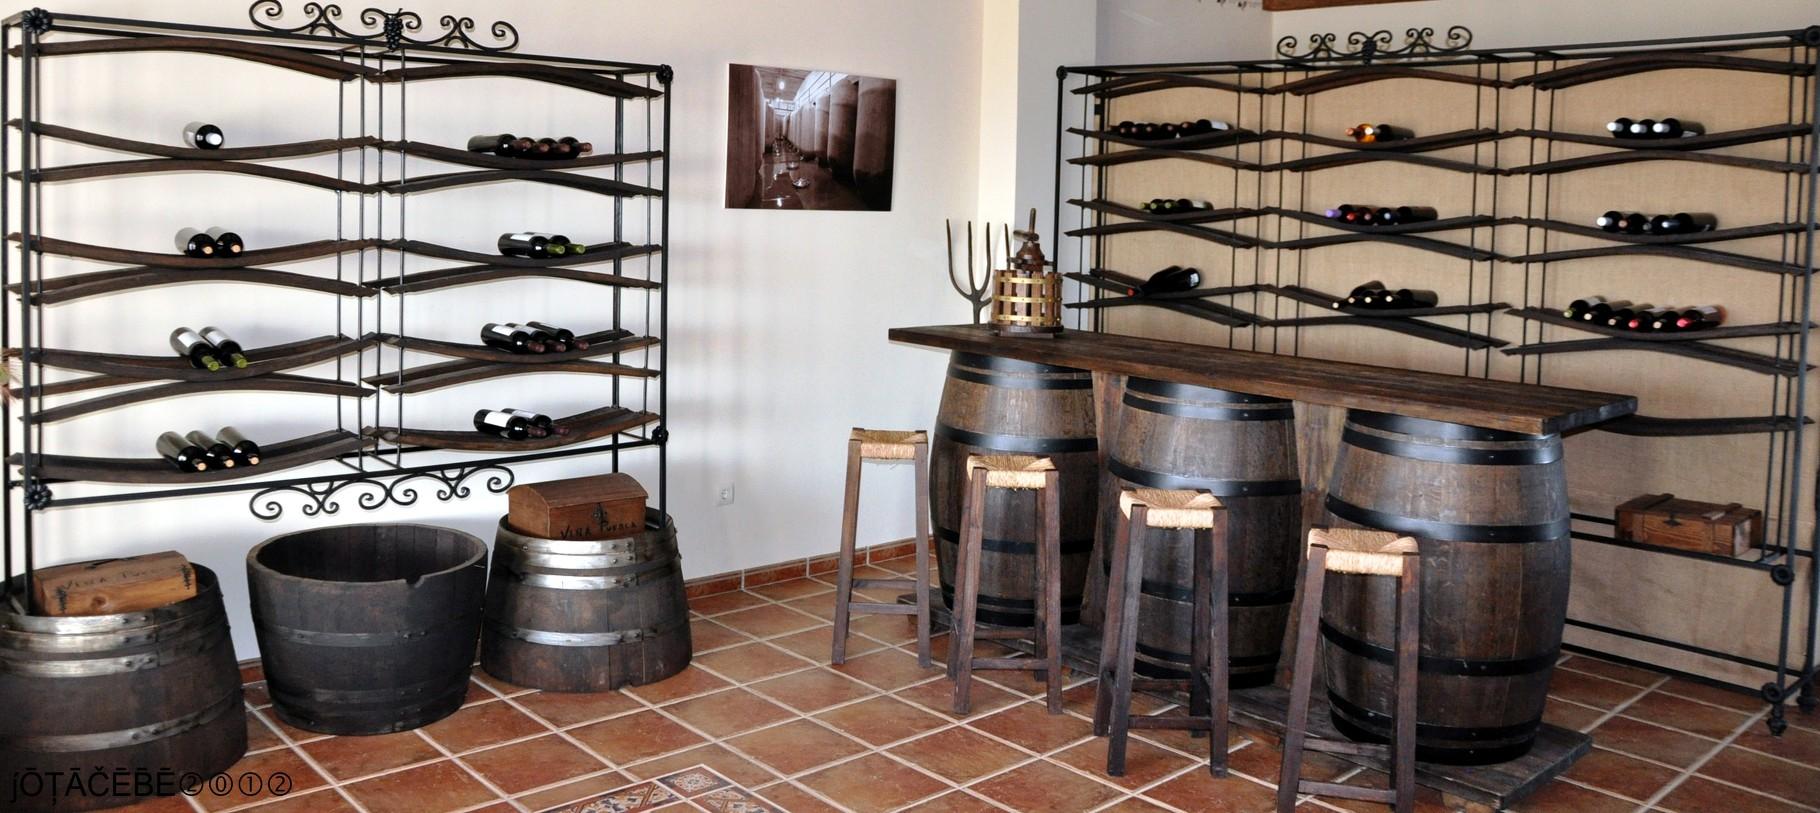 ワイナリー内のワインショップ